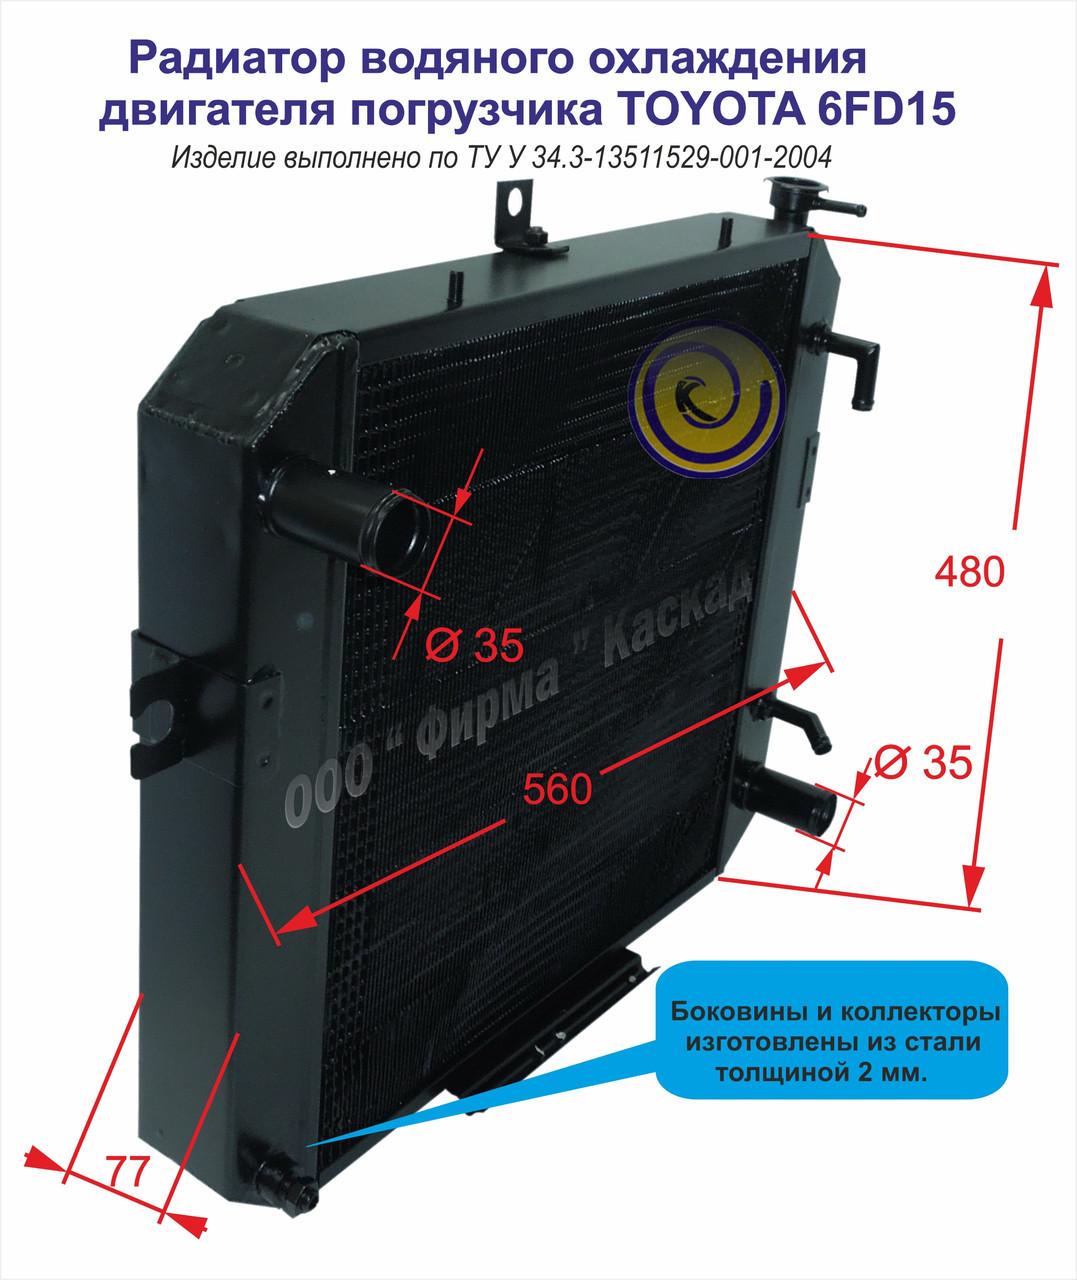 Радиатор охлаждения погрузчика Toyota 6FD15